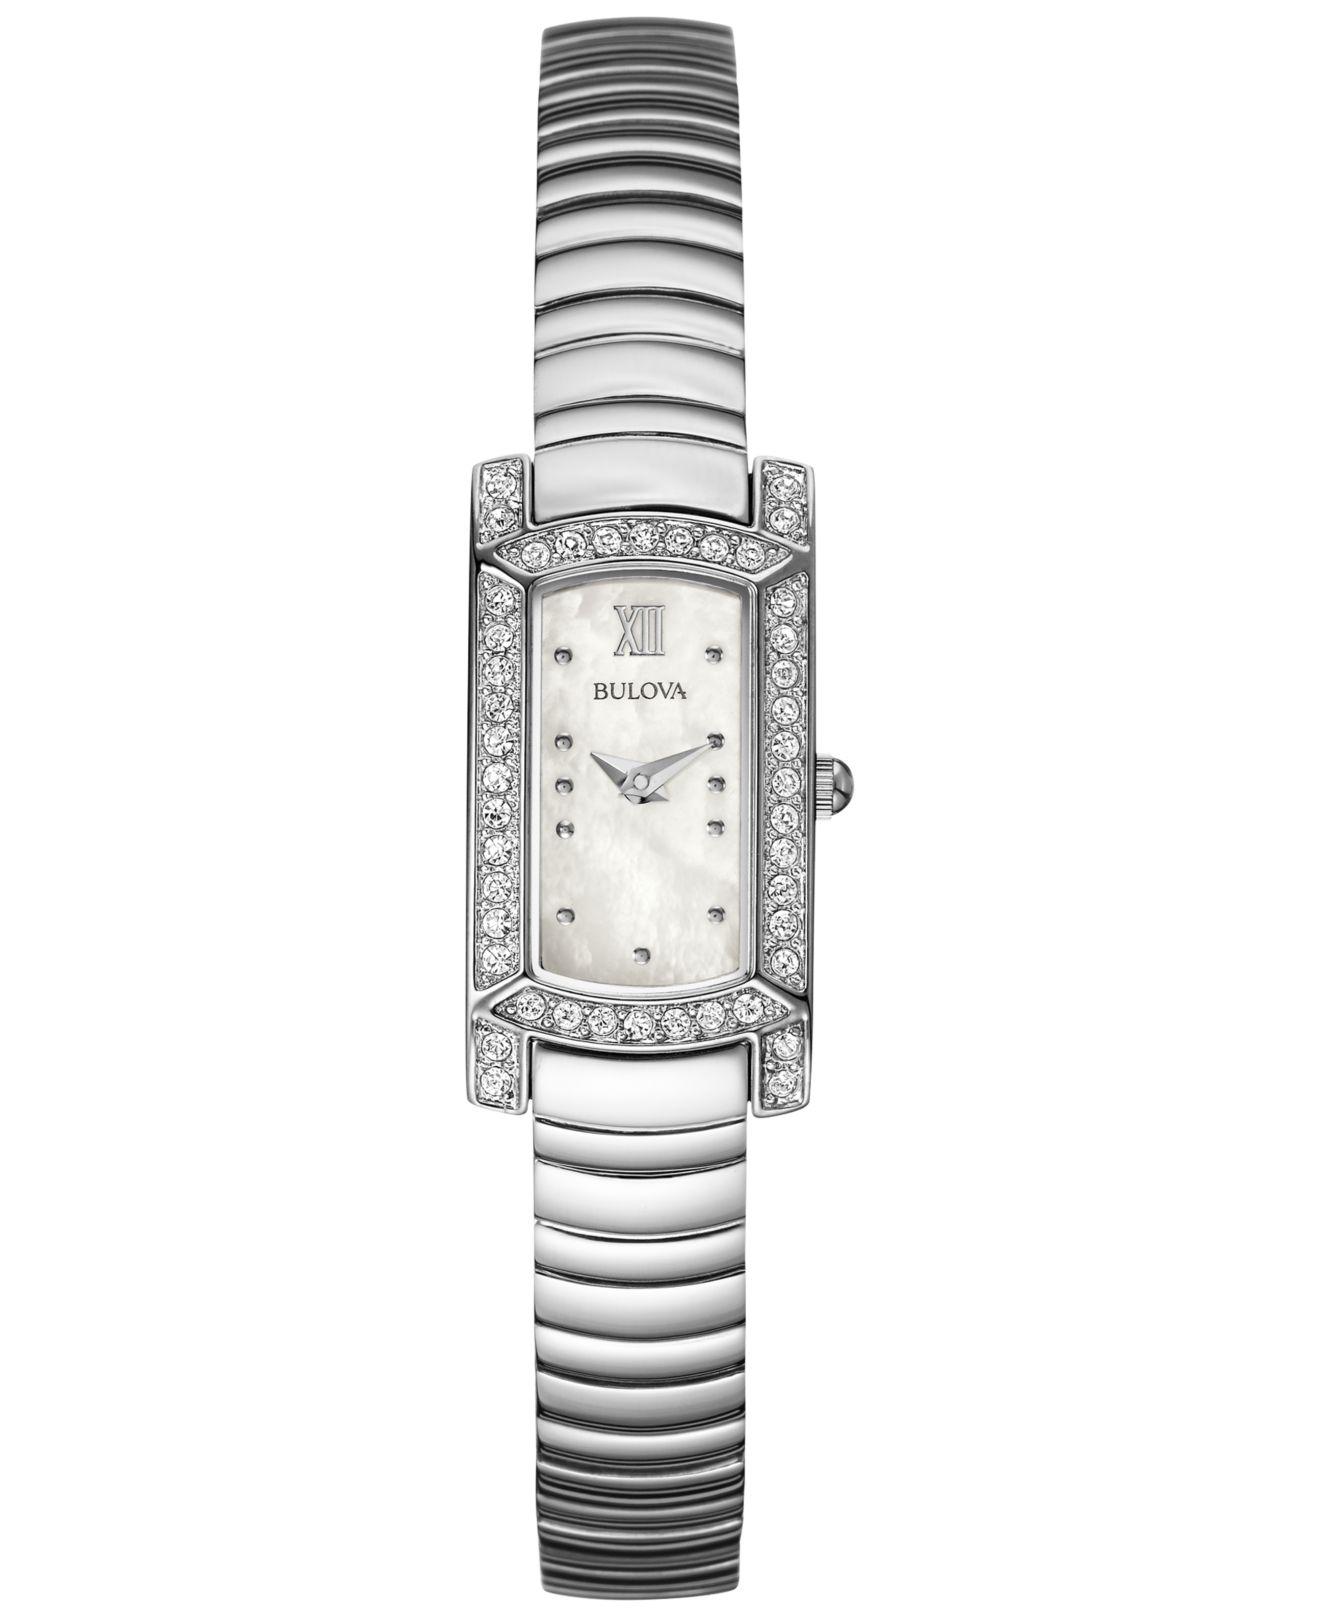 Bulova Women's Stainless Steel Bracelet Watch 18x15mm ...